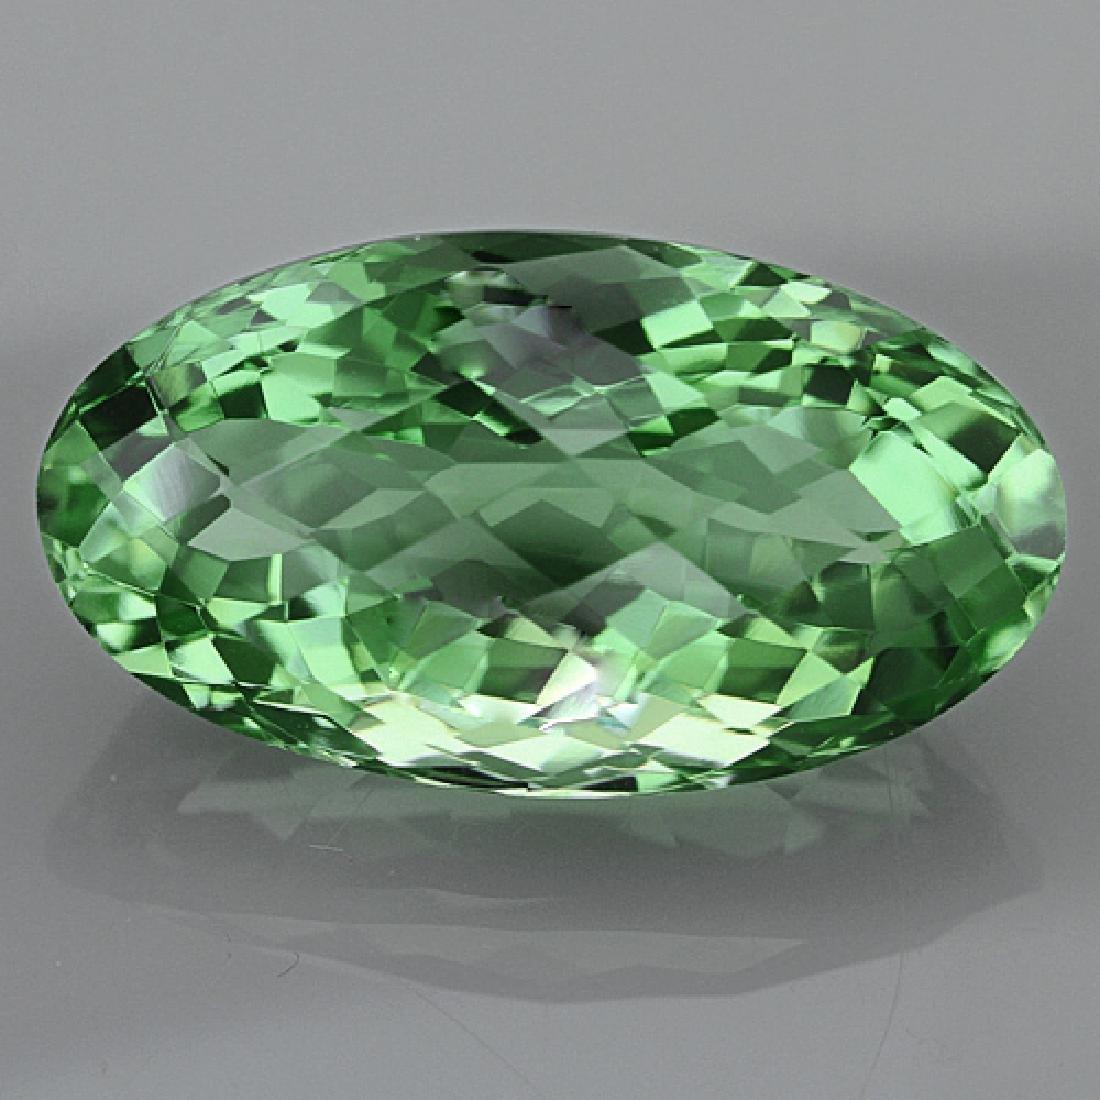 Natural Healing Green Color Amethyst 28.90 Cts - VVS